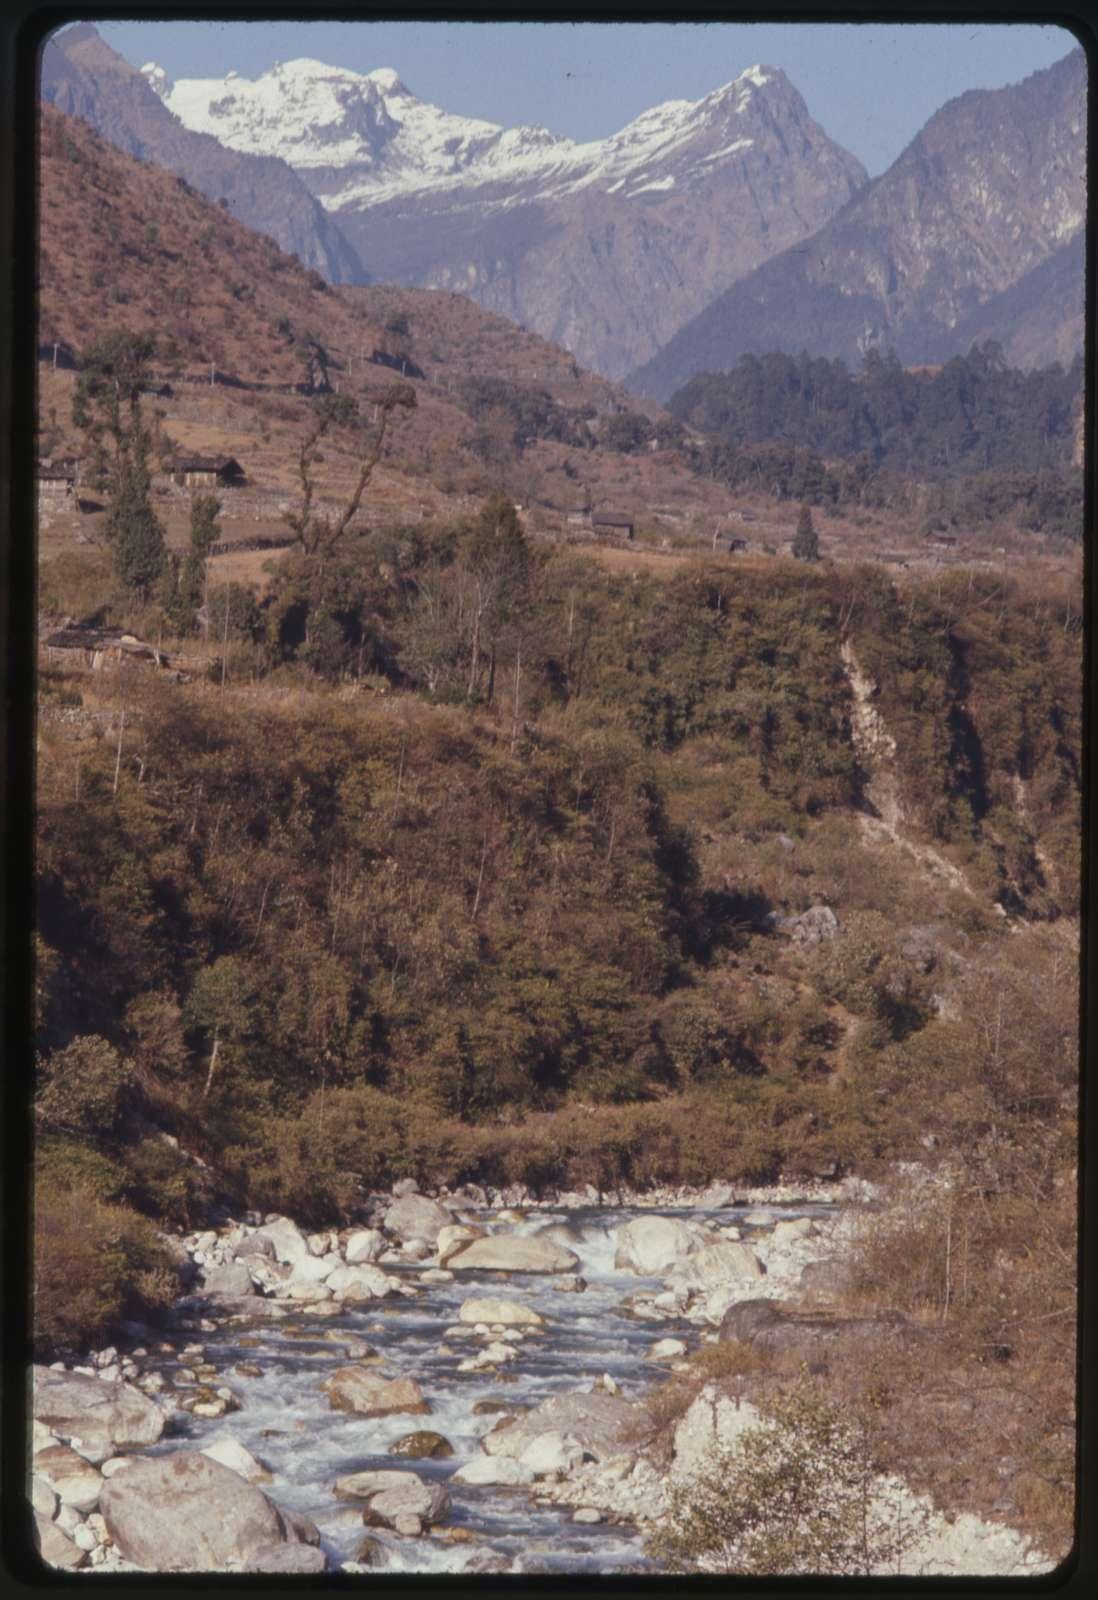 River running thru village, Lachung, Sikkim